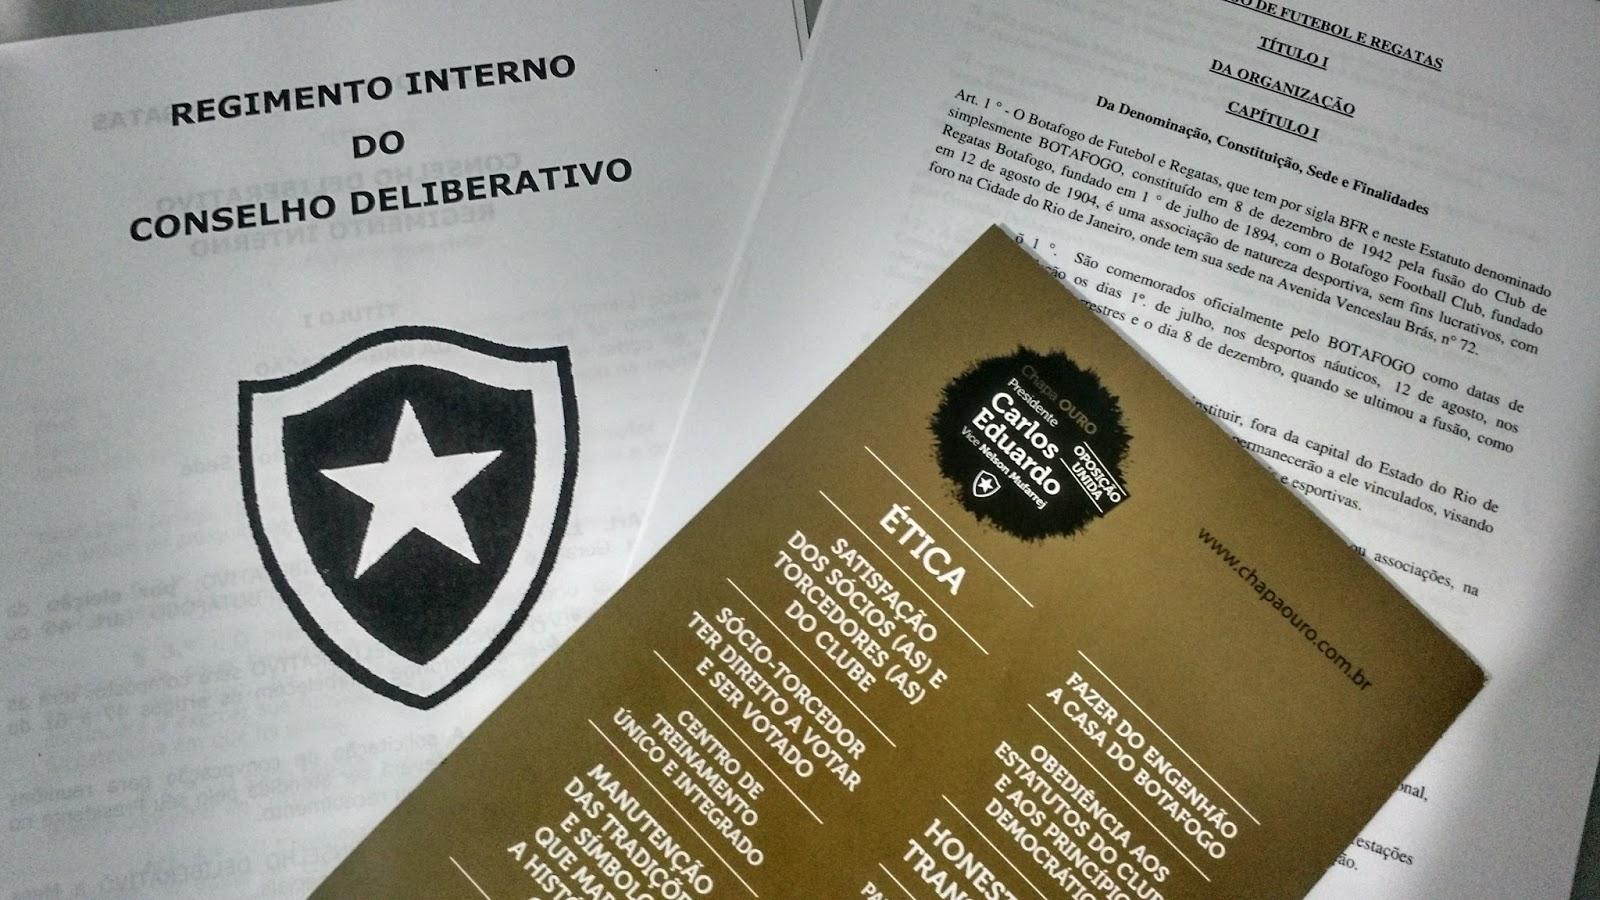 A Reforma do Estatuto - Modernização do Botafogo e Sócio-Torcedor ... d5f8f515bdb